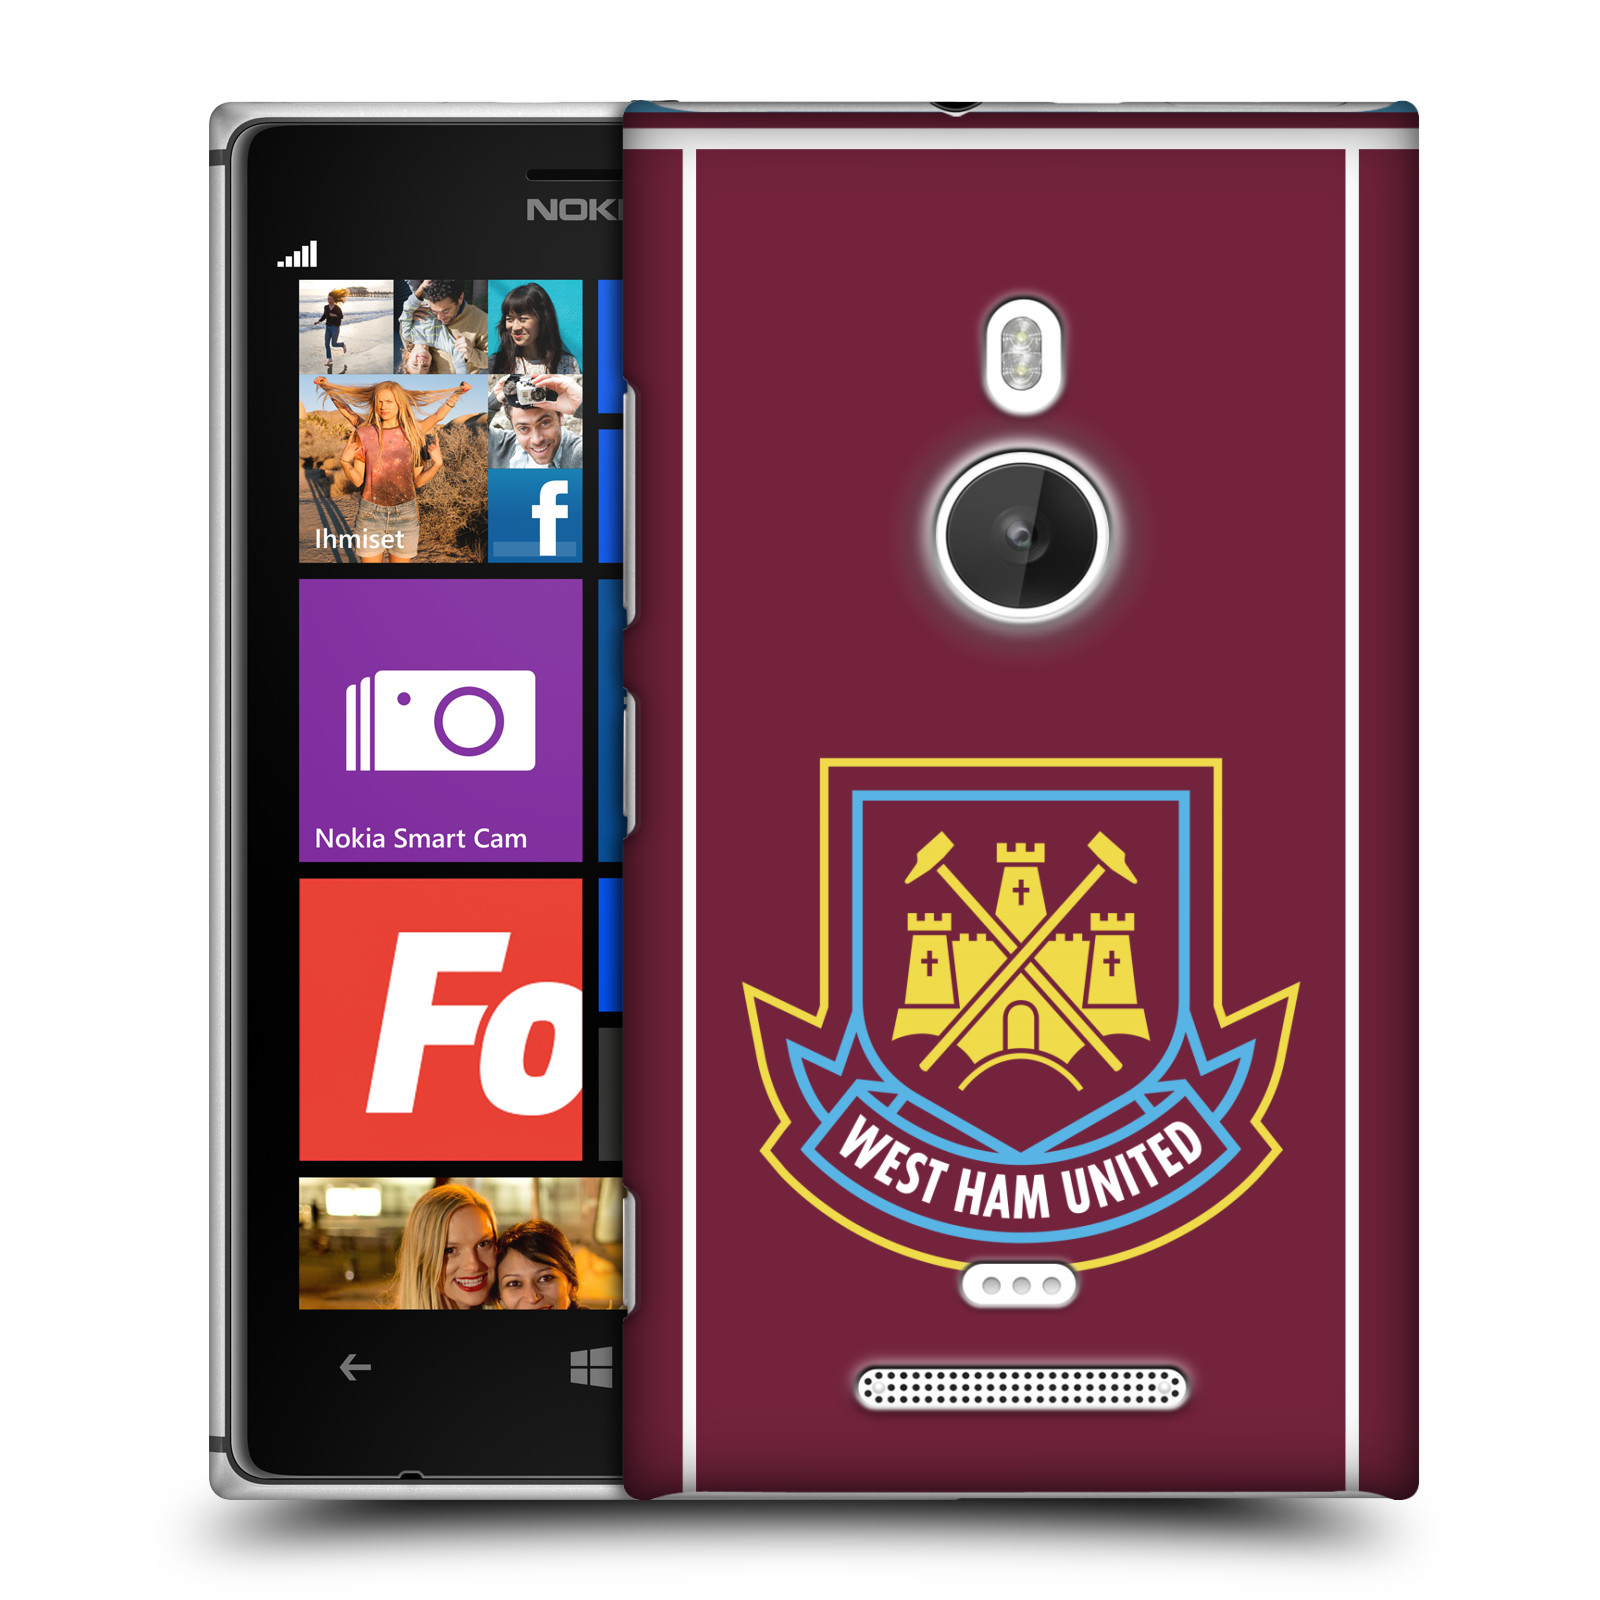 Plastové pouzdro na mobil Nokia Lumia 925 - Head Case - West Ham United - Retro znak (Plastový kryt či obal na mobilní telefon s motivem West Ham United - Kladiváři - Retro znak pro Nokia Lumia 925)